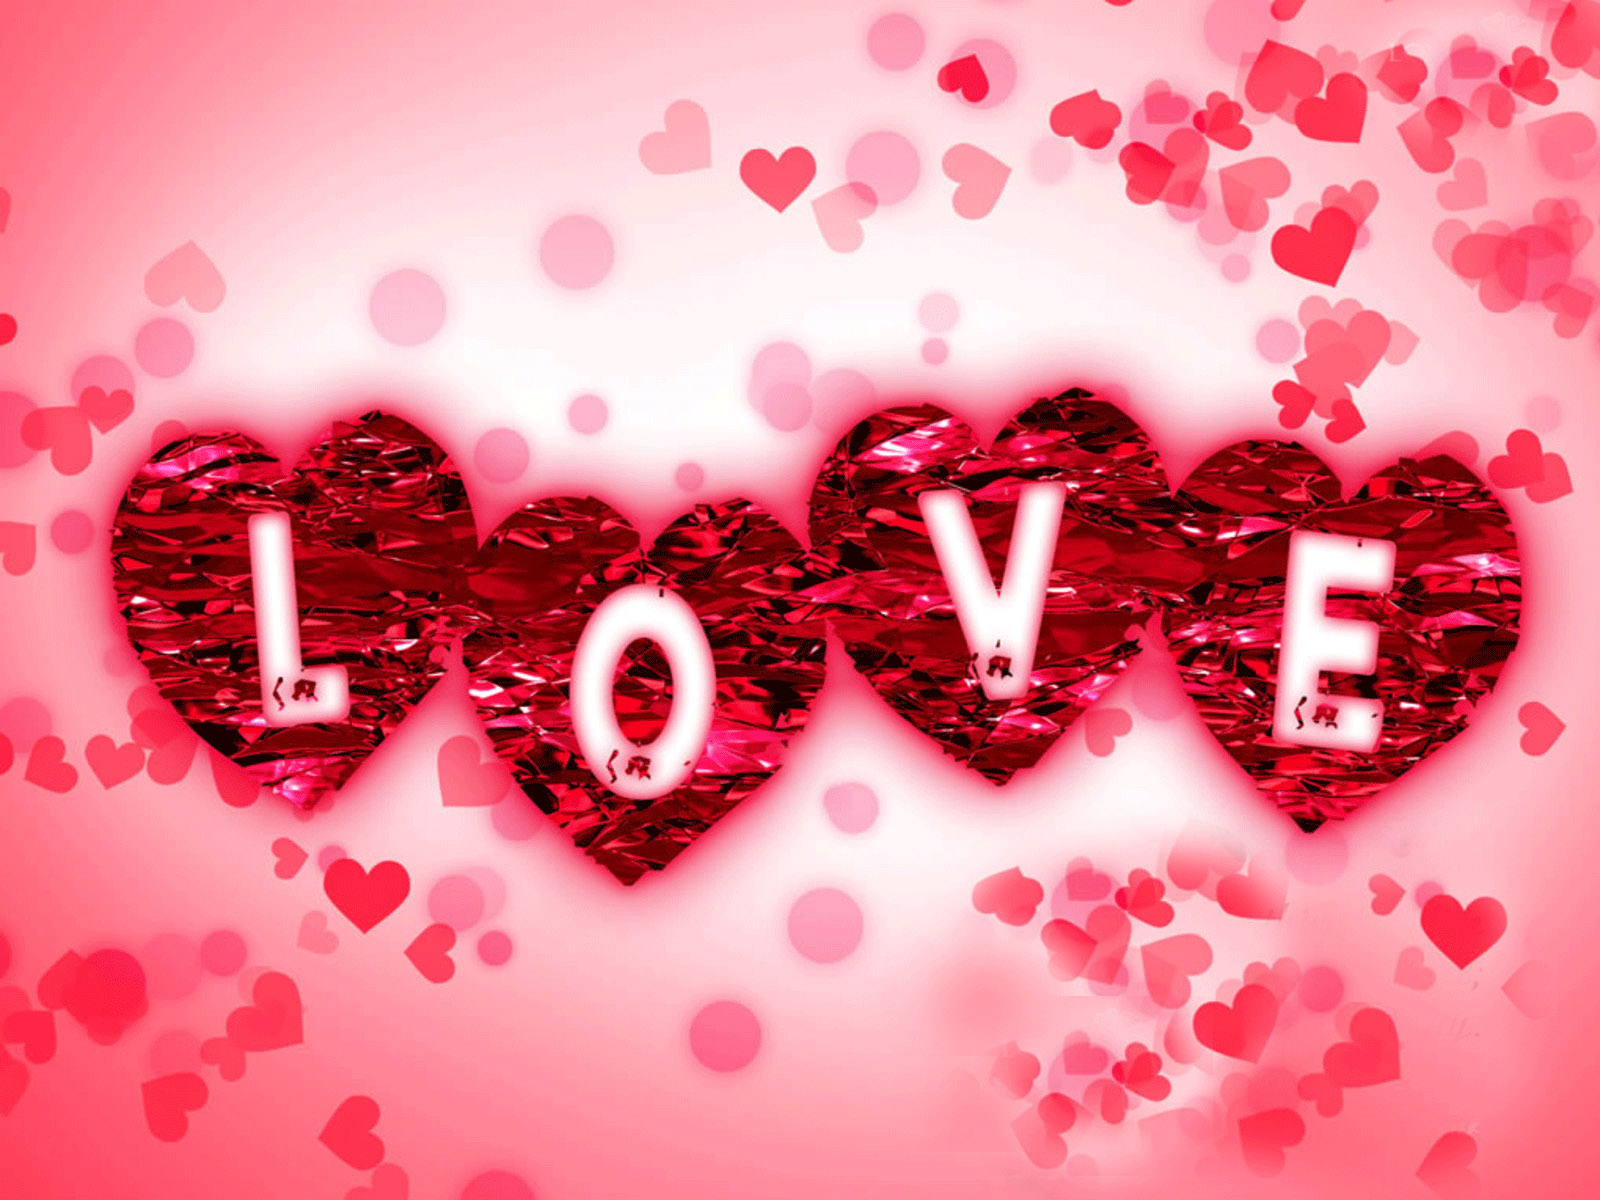 Tổng hợp những hình ảnh về tình yêu đẹp nhất